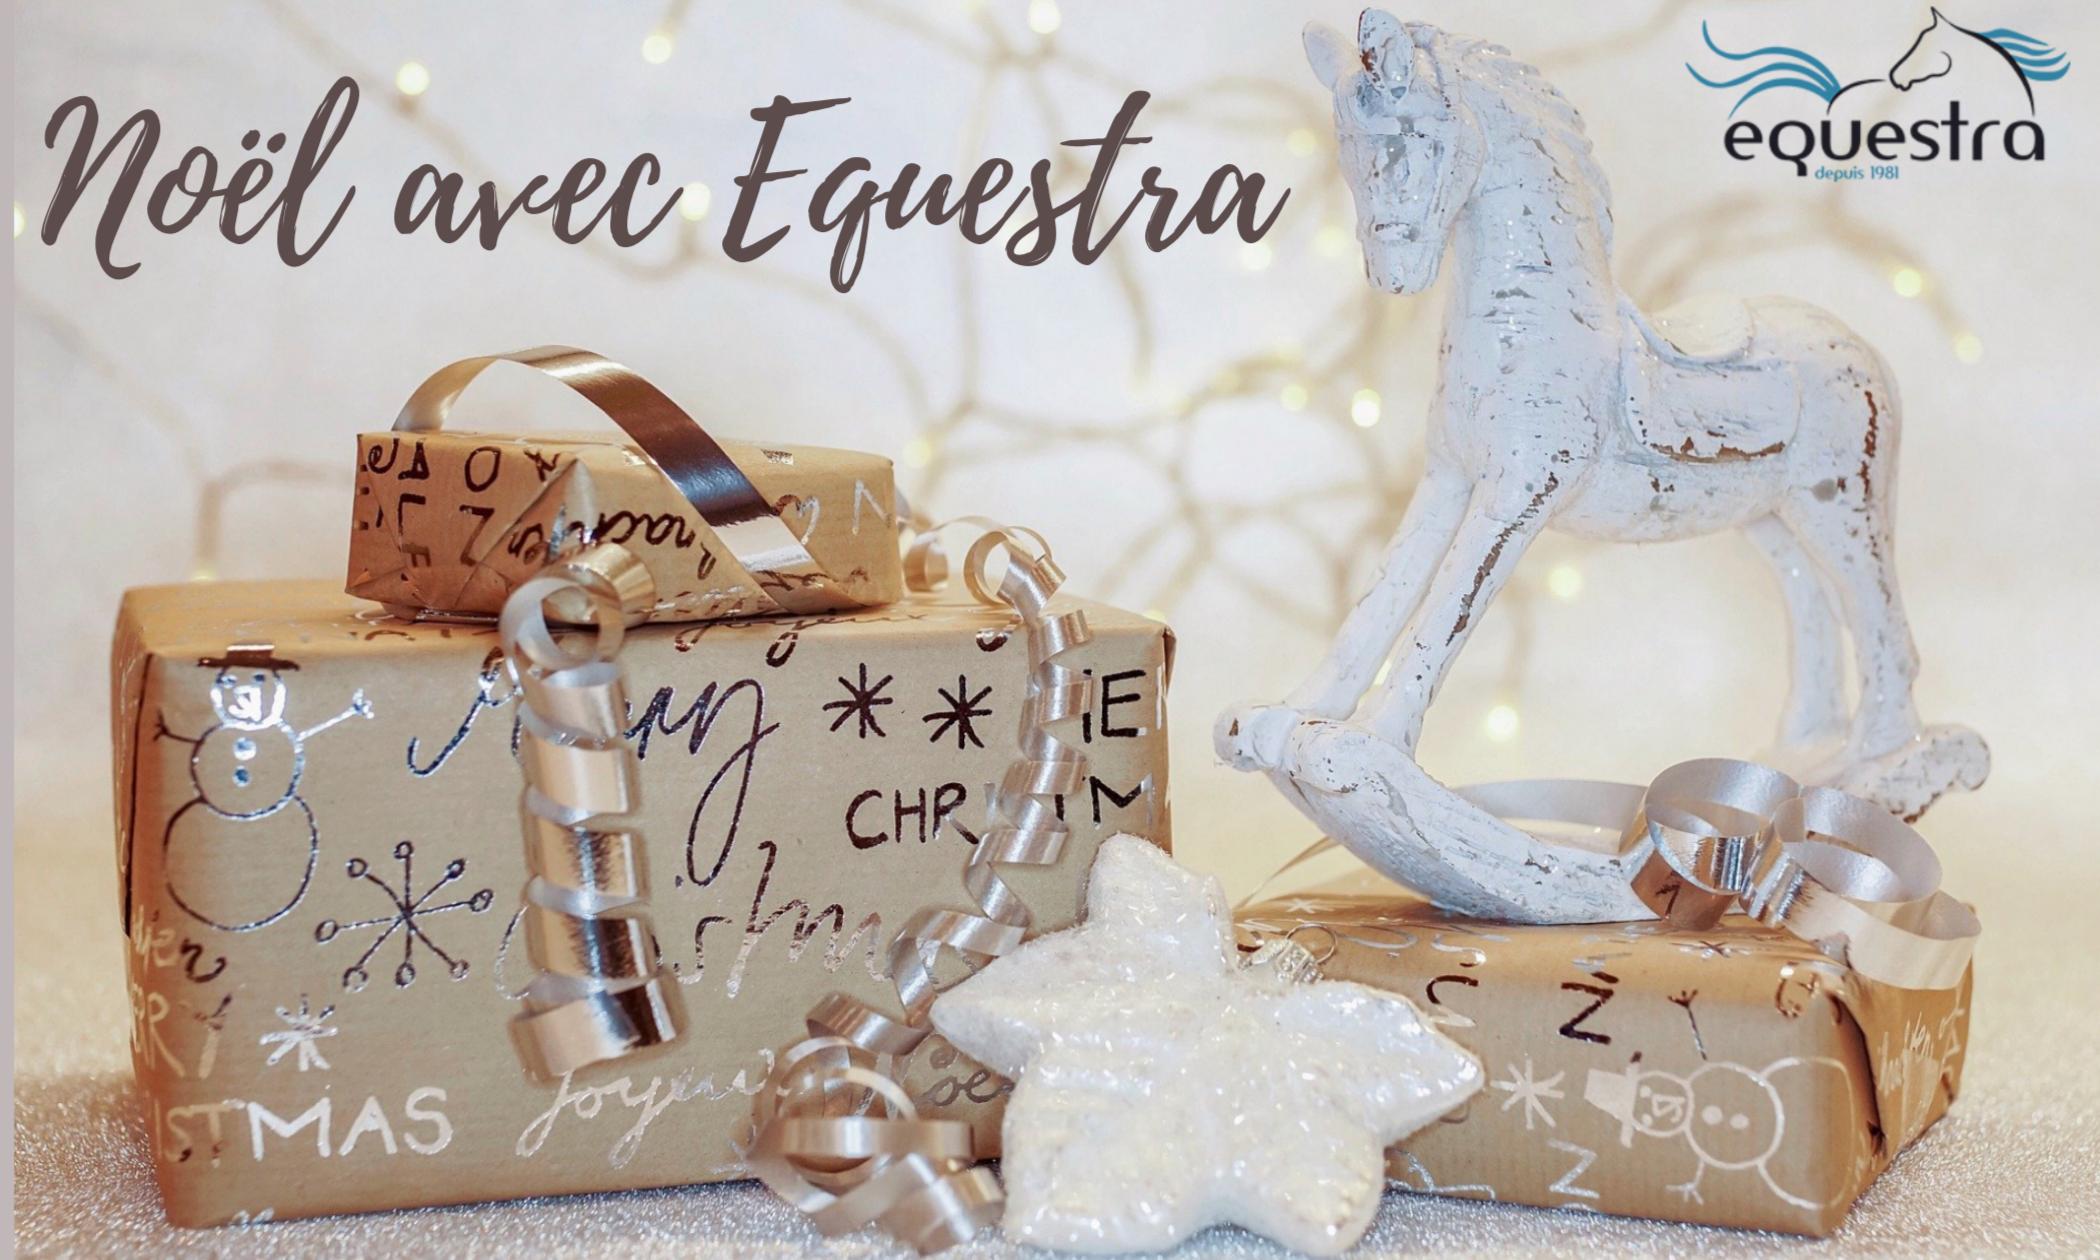 Idées cadeaux Noël cheval - Equestra